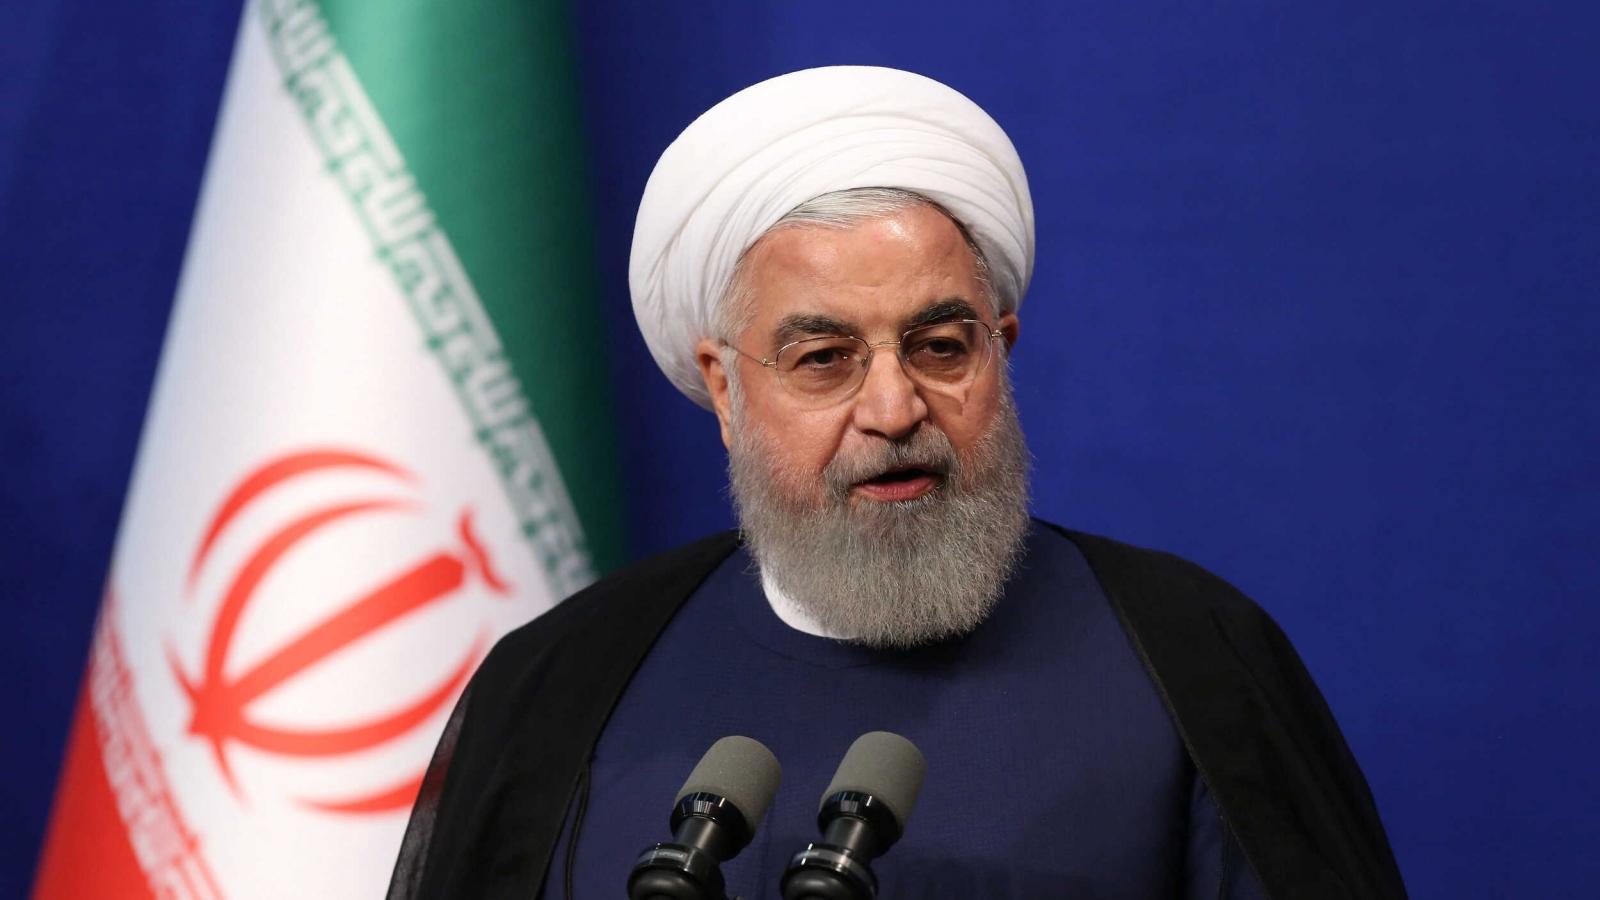 Tổng thống Iran: Thời của chính sách gây sức ép tối đa của Mỹ đã qua